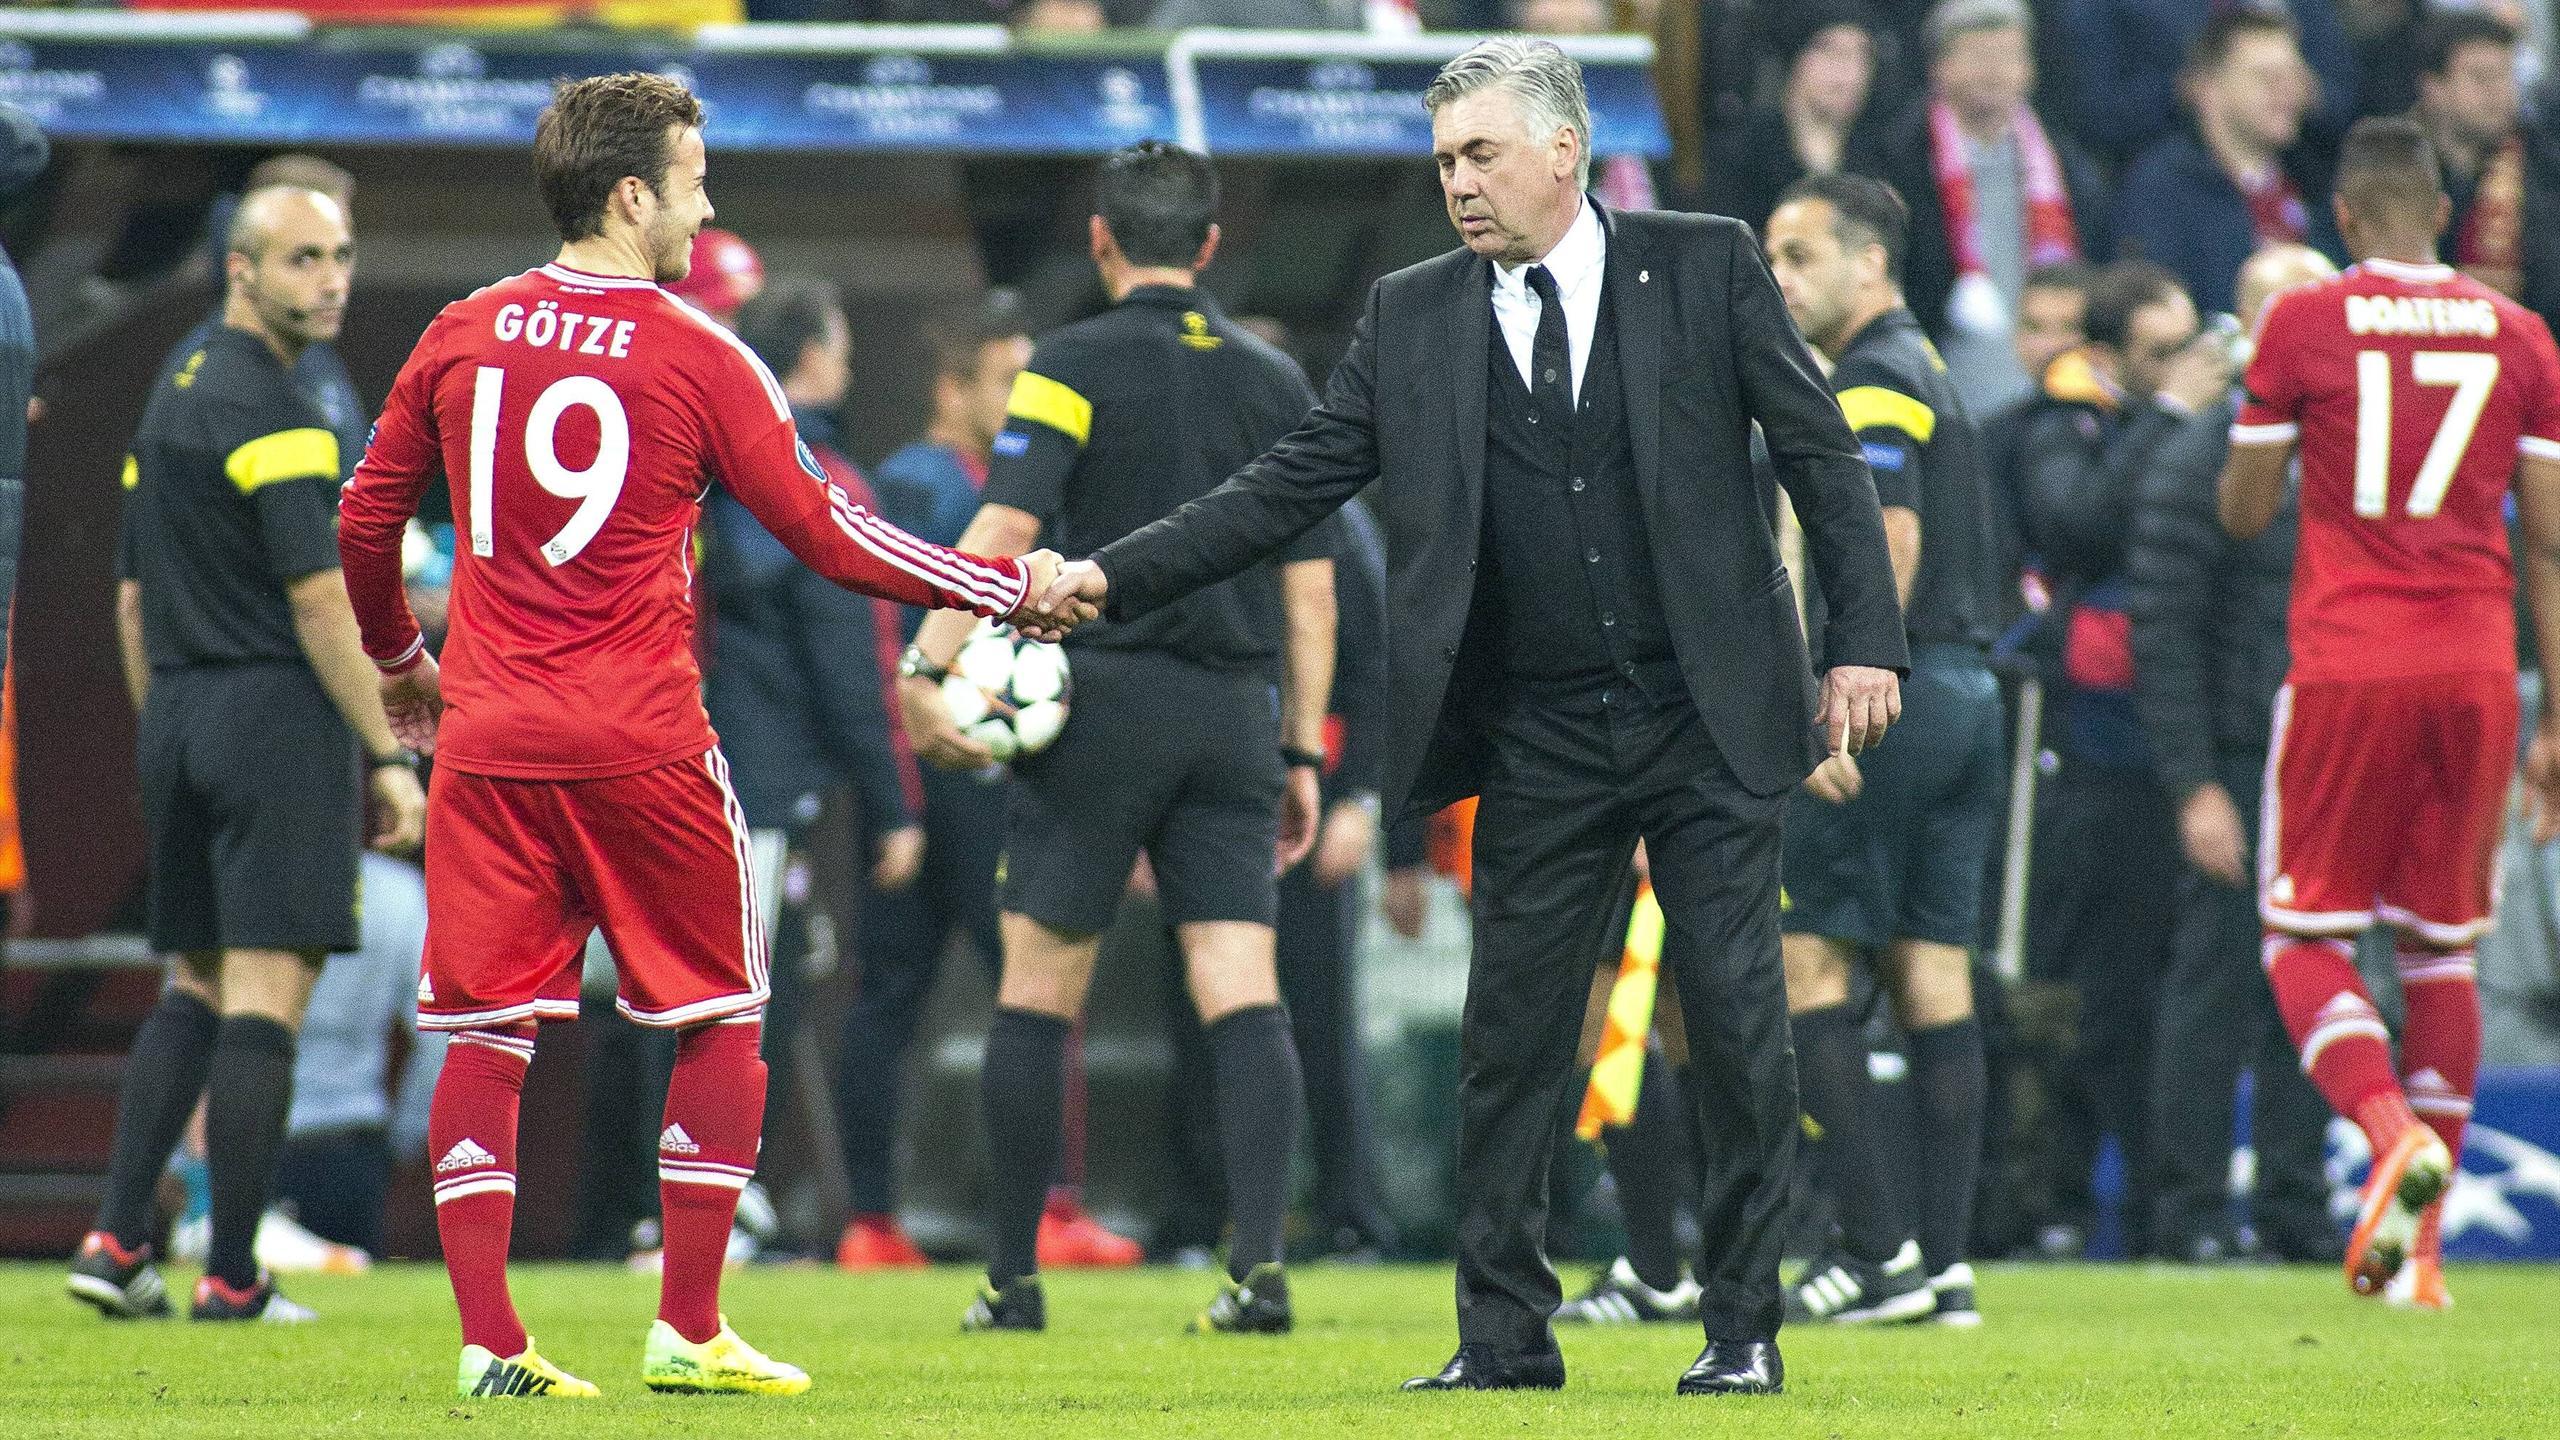 Карло Анчелотти (справа) и Марио Гётце после матча «Реал Мадрид» – «Бавария»